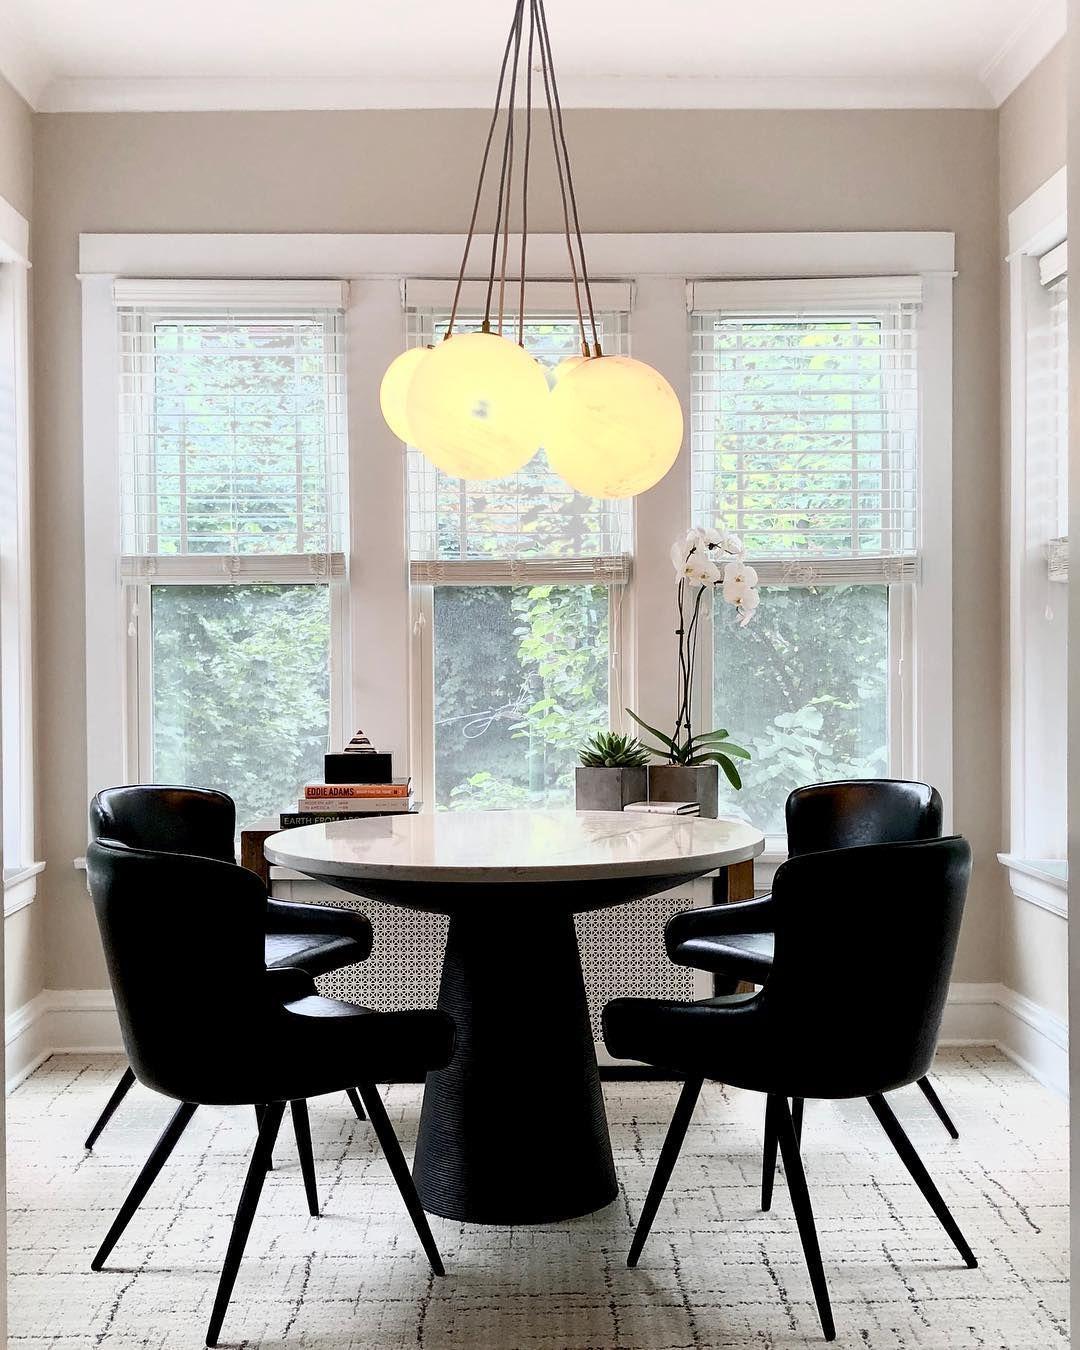 Dining Room Carpet Ideas In 2020 Rug Under Dining Table Area Rug Dining Room Dining Room Rug